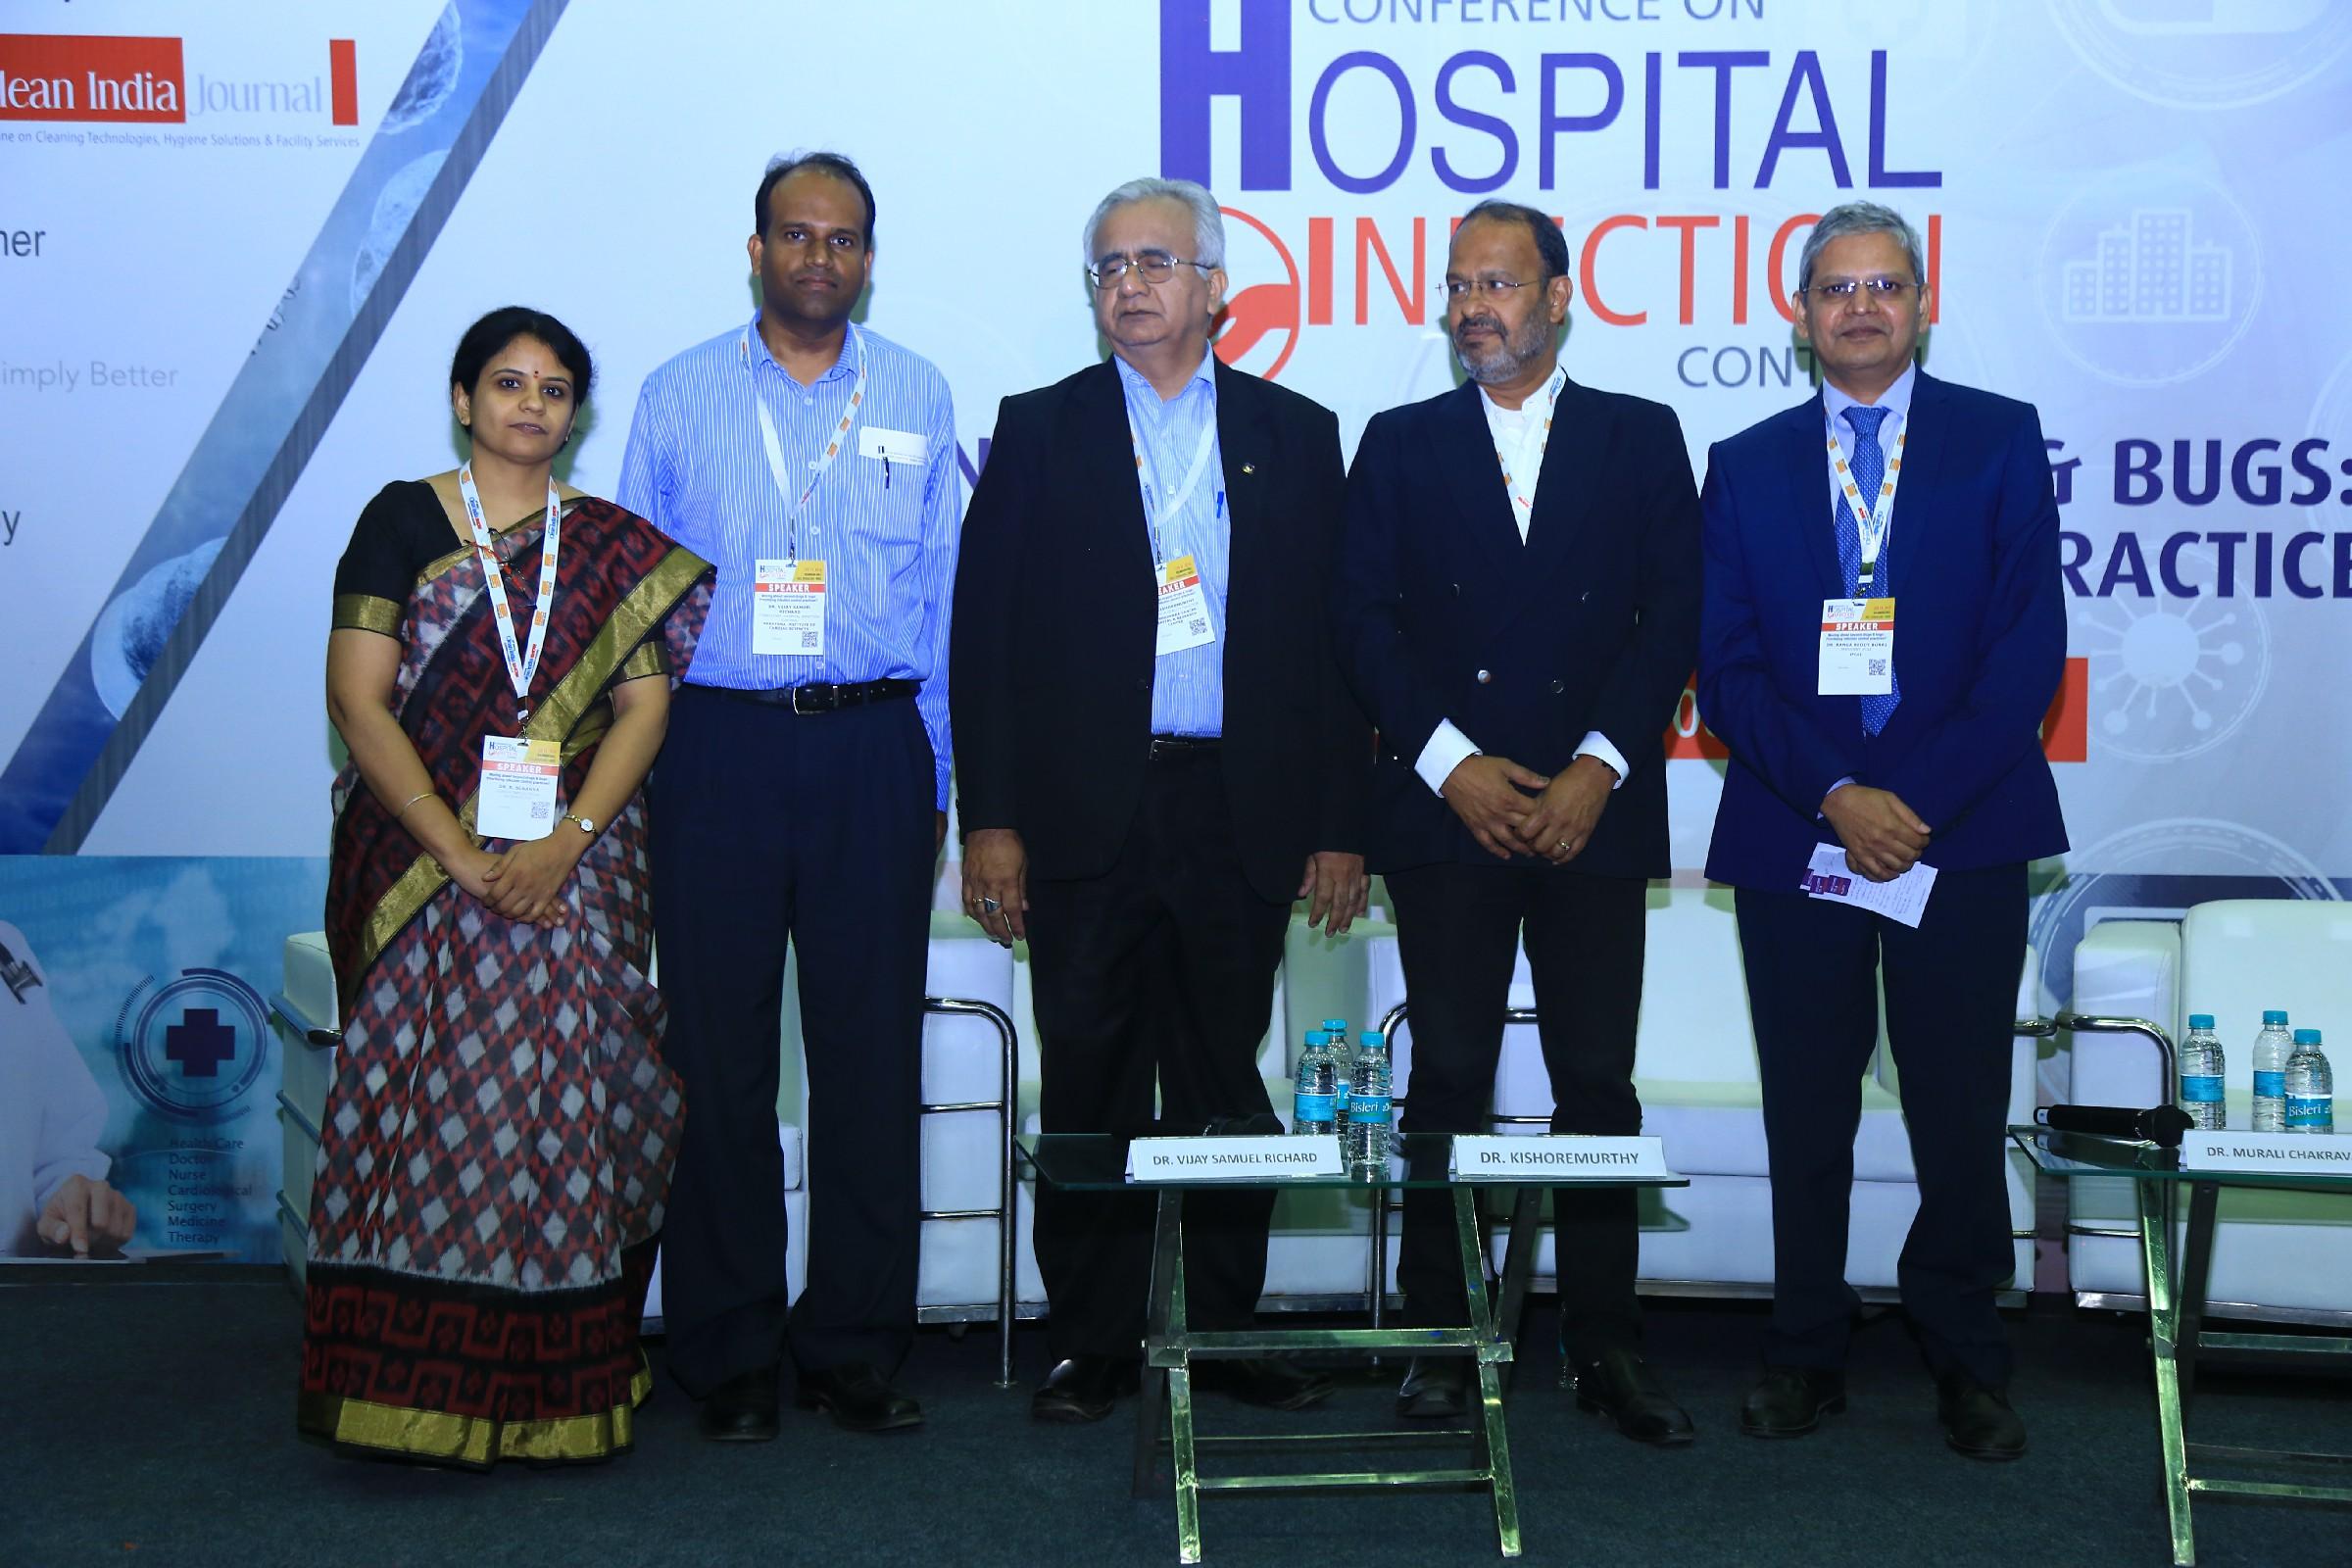 Dr-R.-Sukanya-Dr.-Vijay-Samuel-Richard-Dr-Kishoremurthy-Dr-Murali-Chakravarthy-Dr-Ranga-Reddy-Burri-7